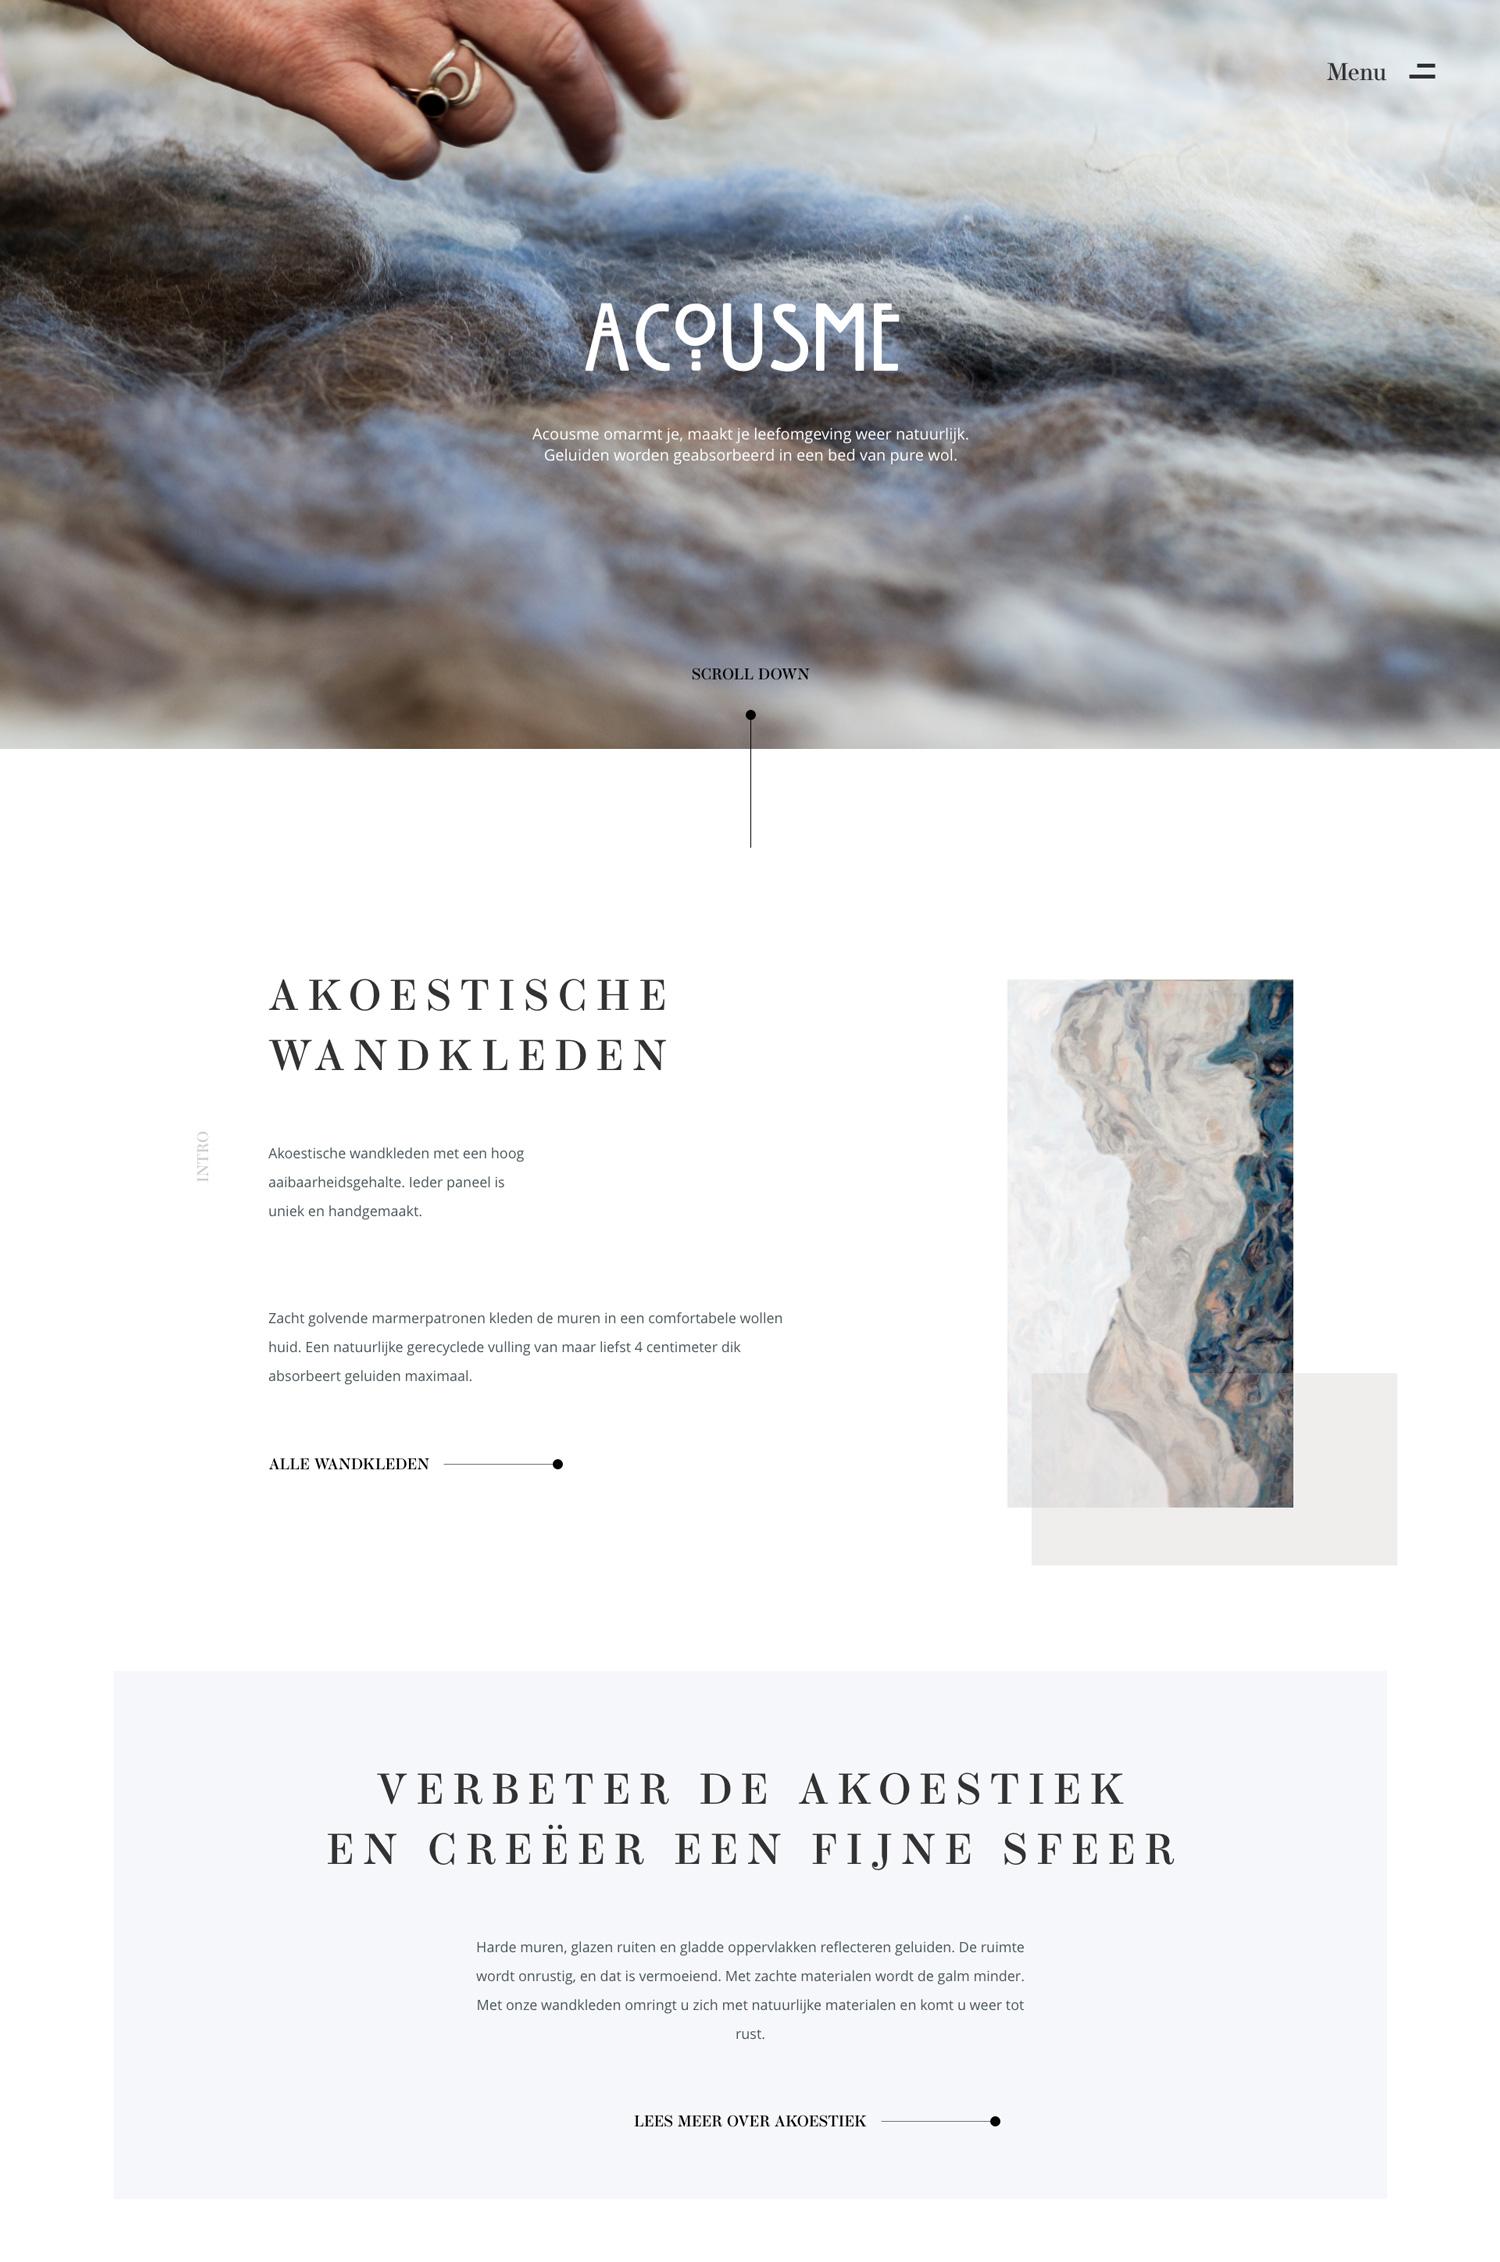 Acousme-website-studiojorgensen